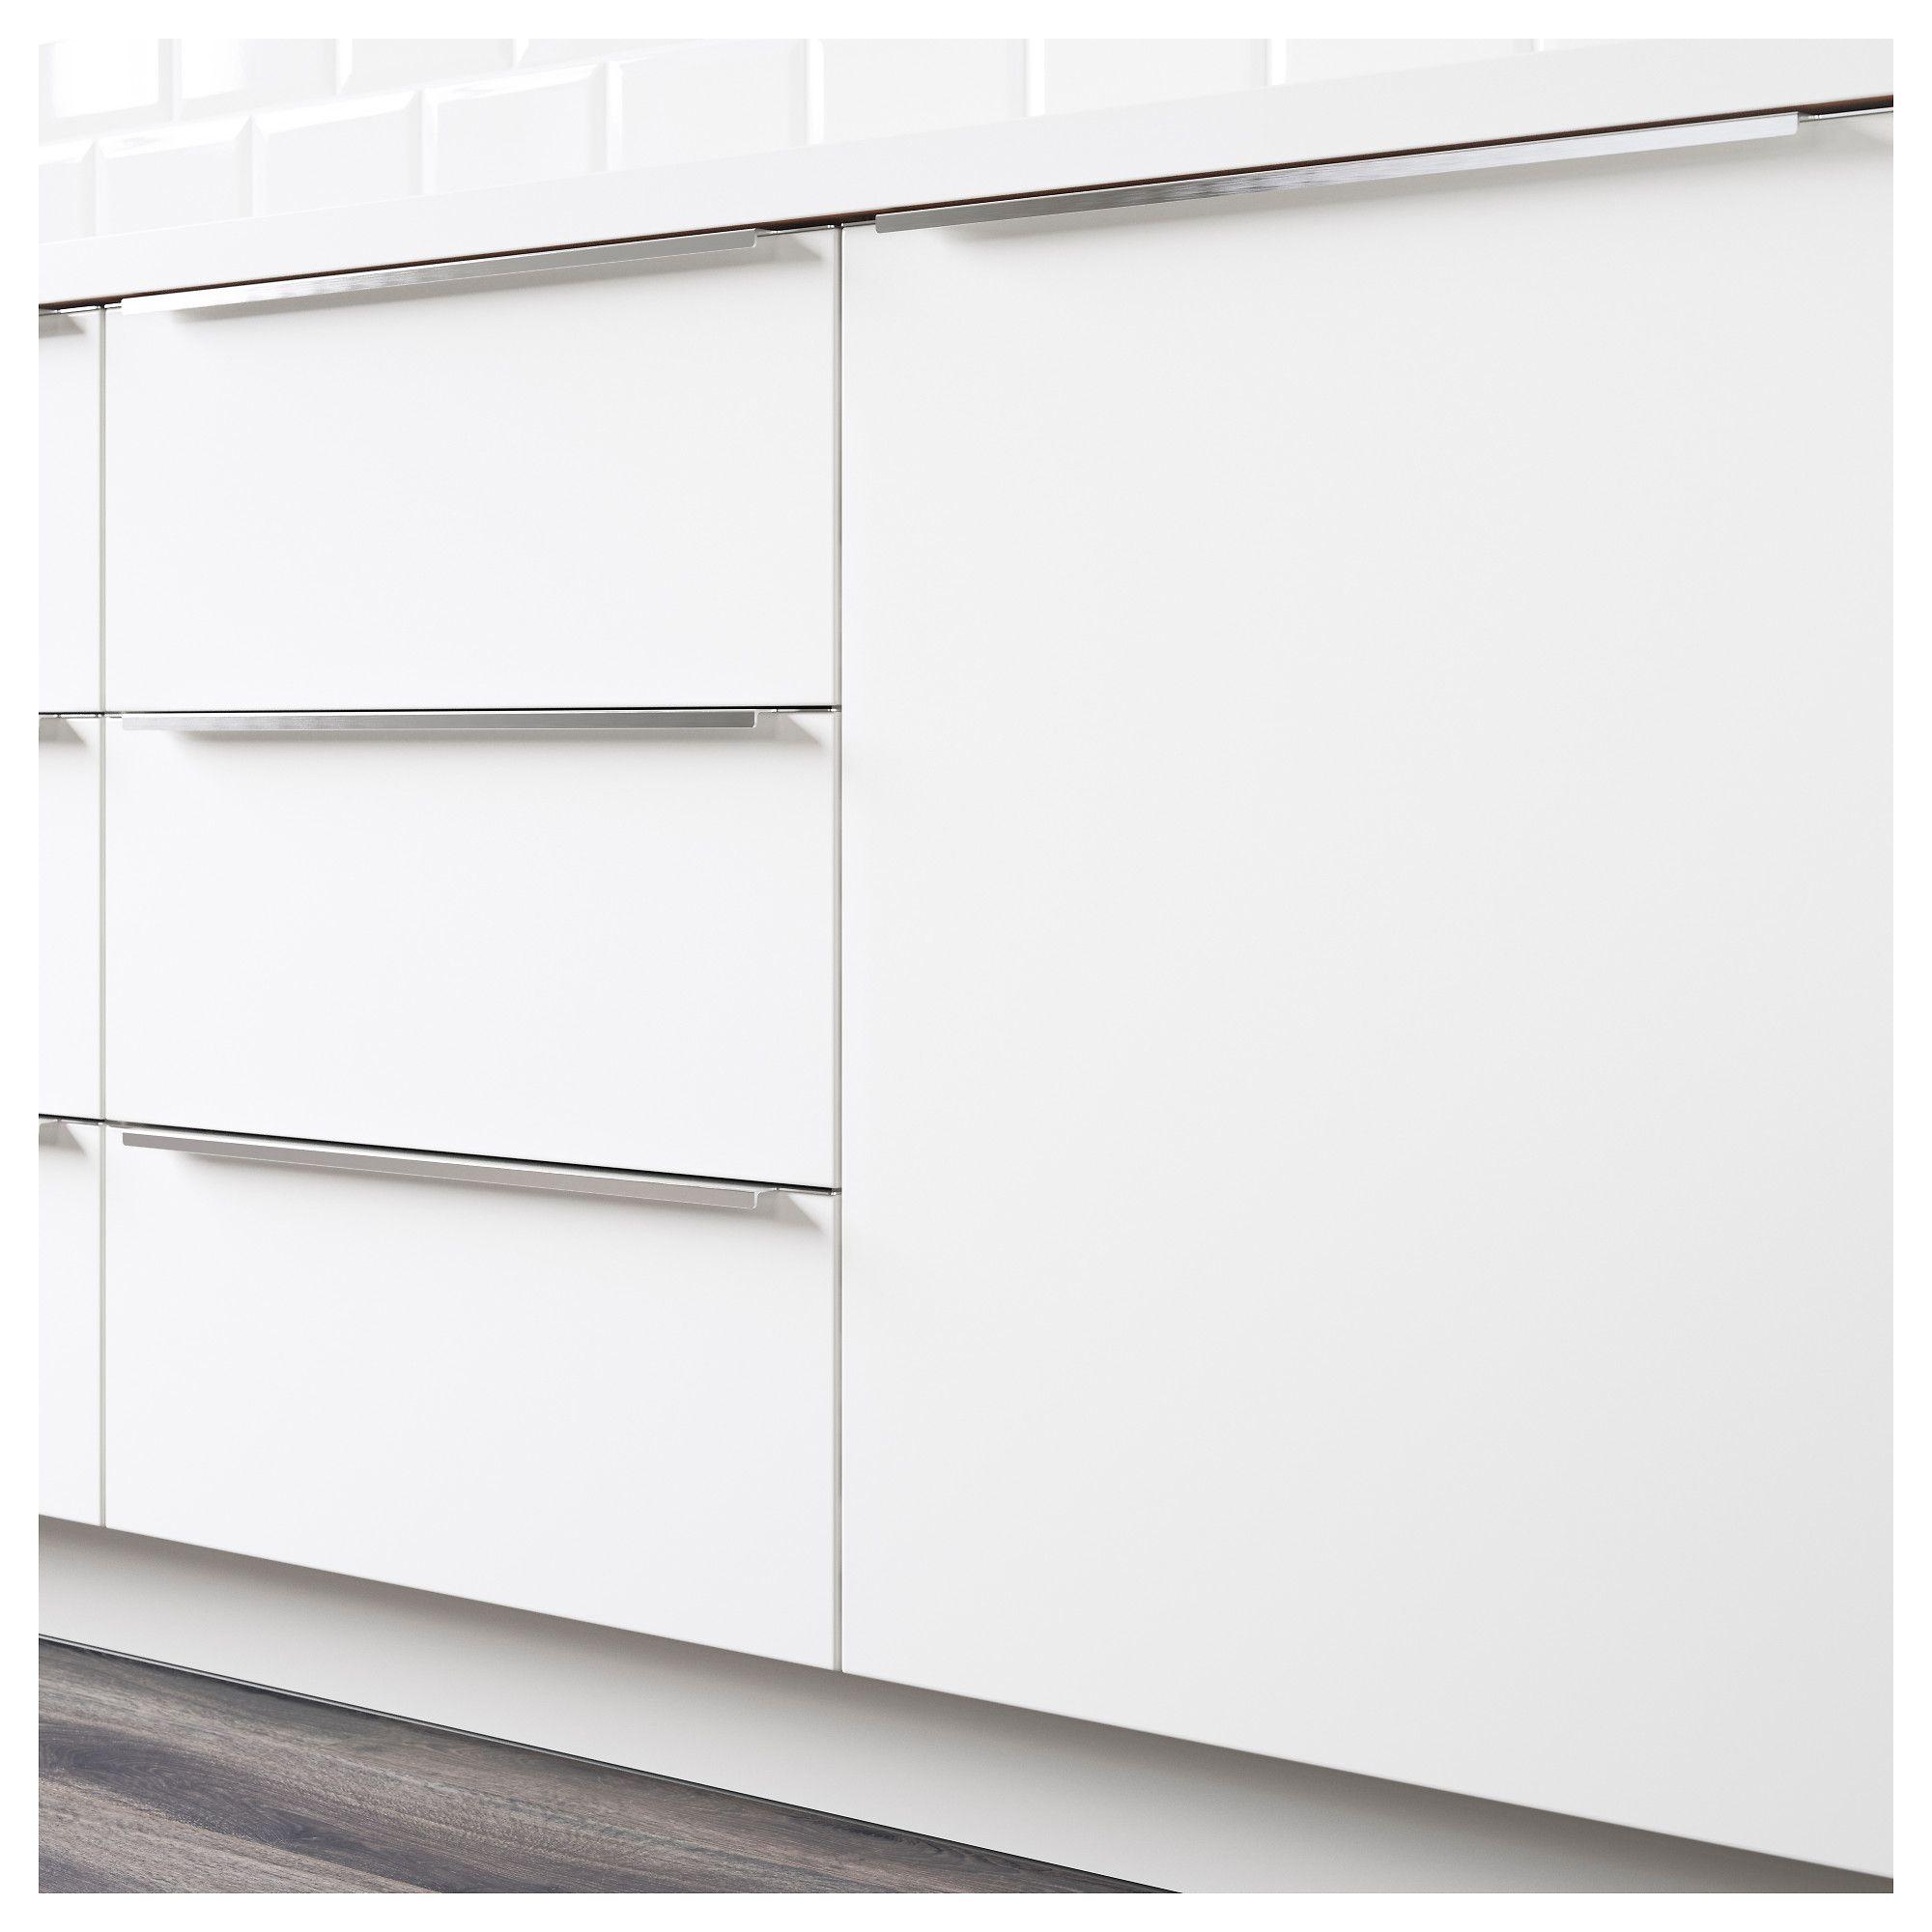 IKEA - VEDDINGE 2-p door/corner base cabinet set white | Products